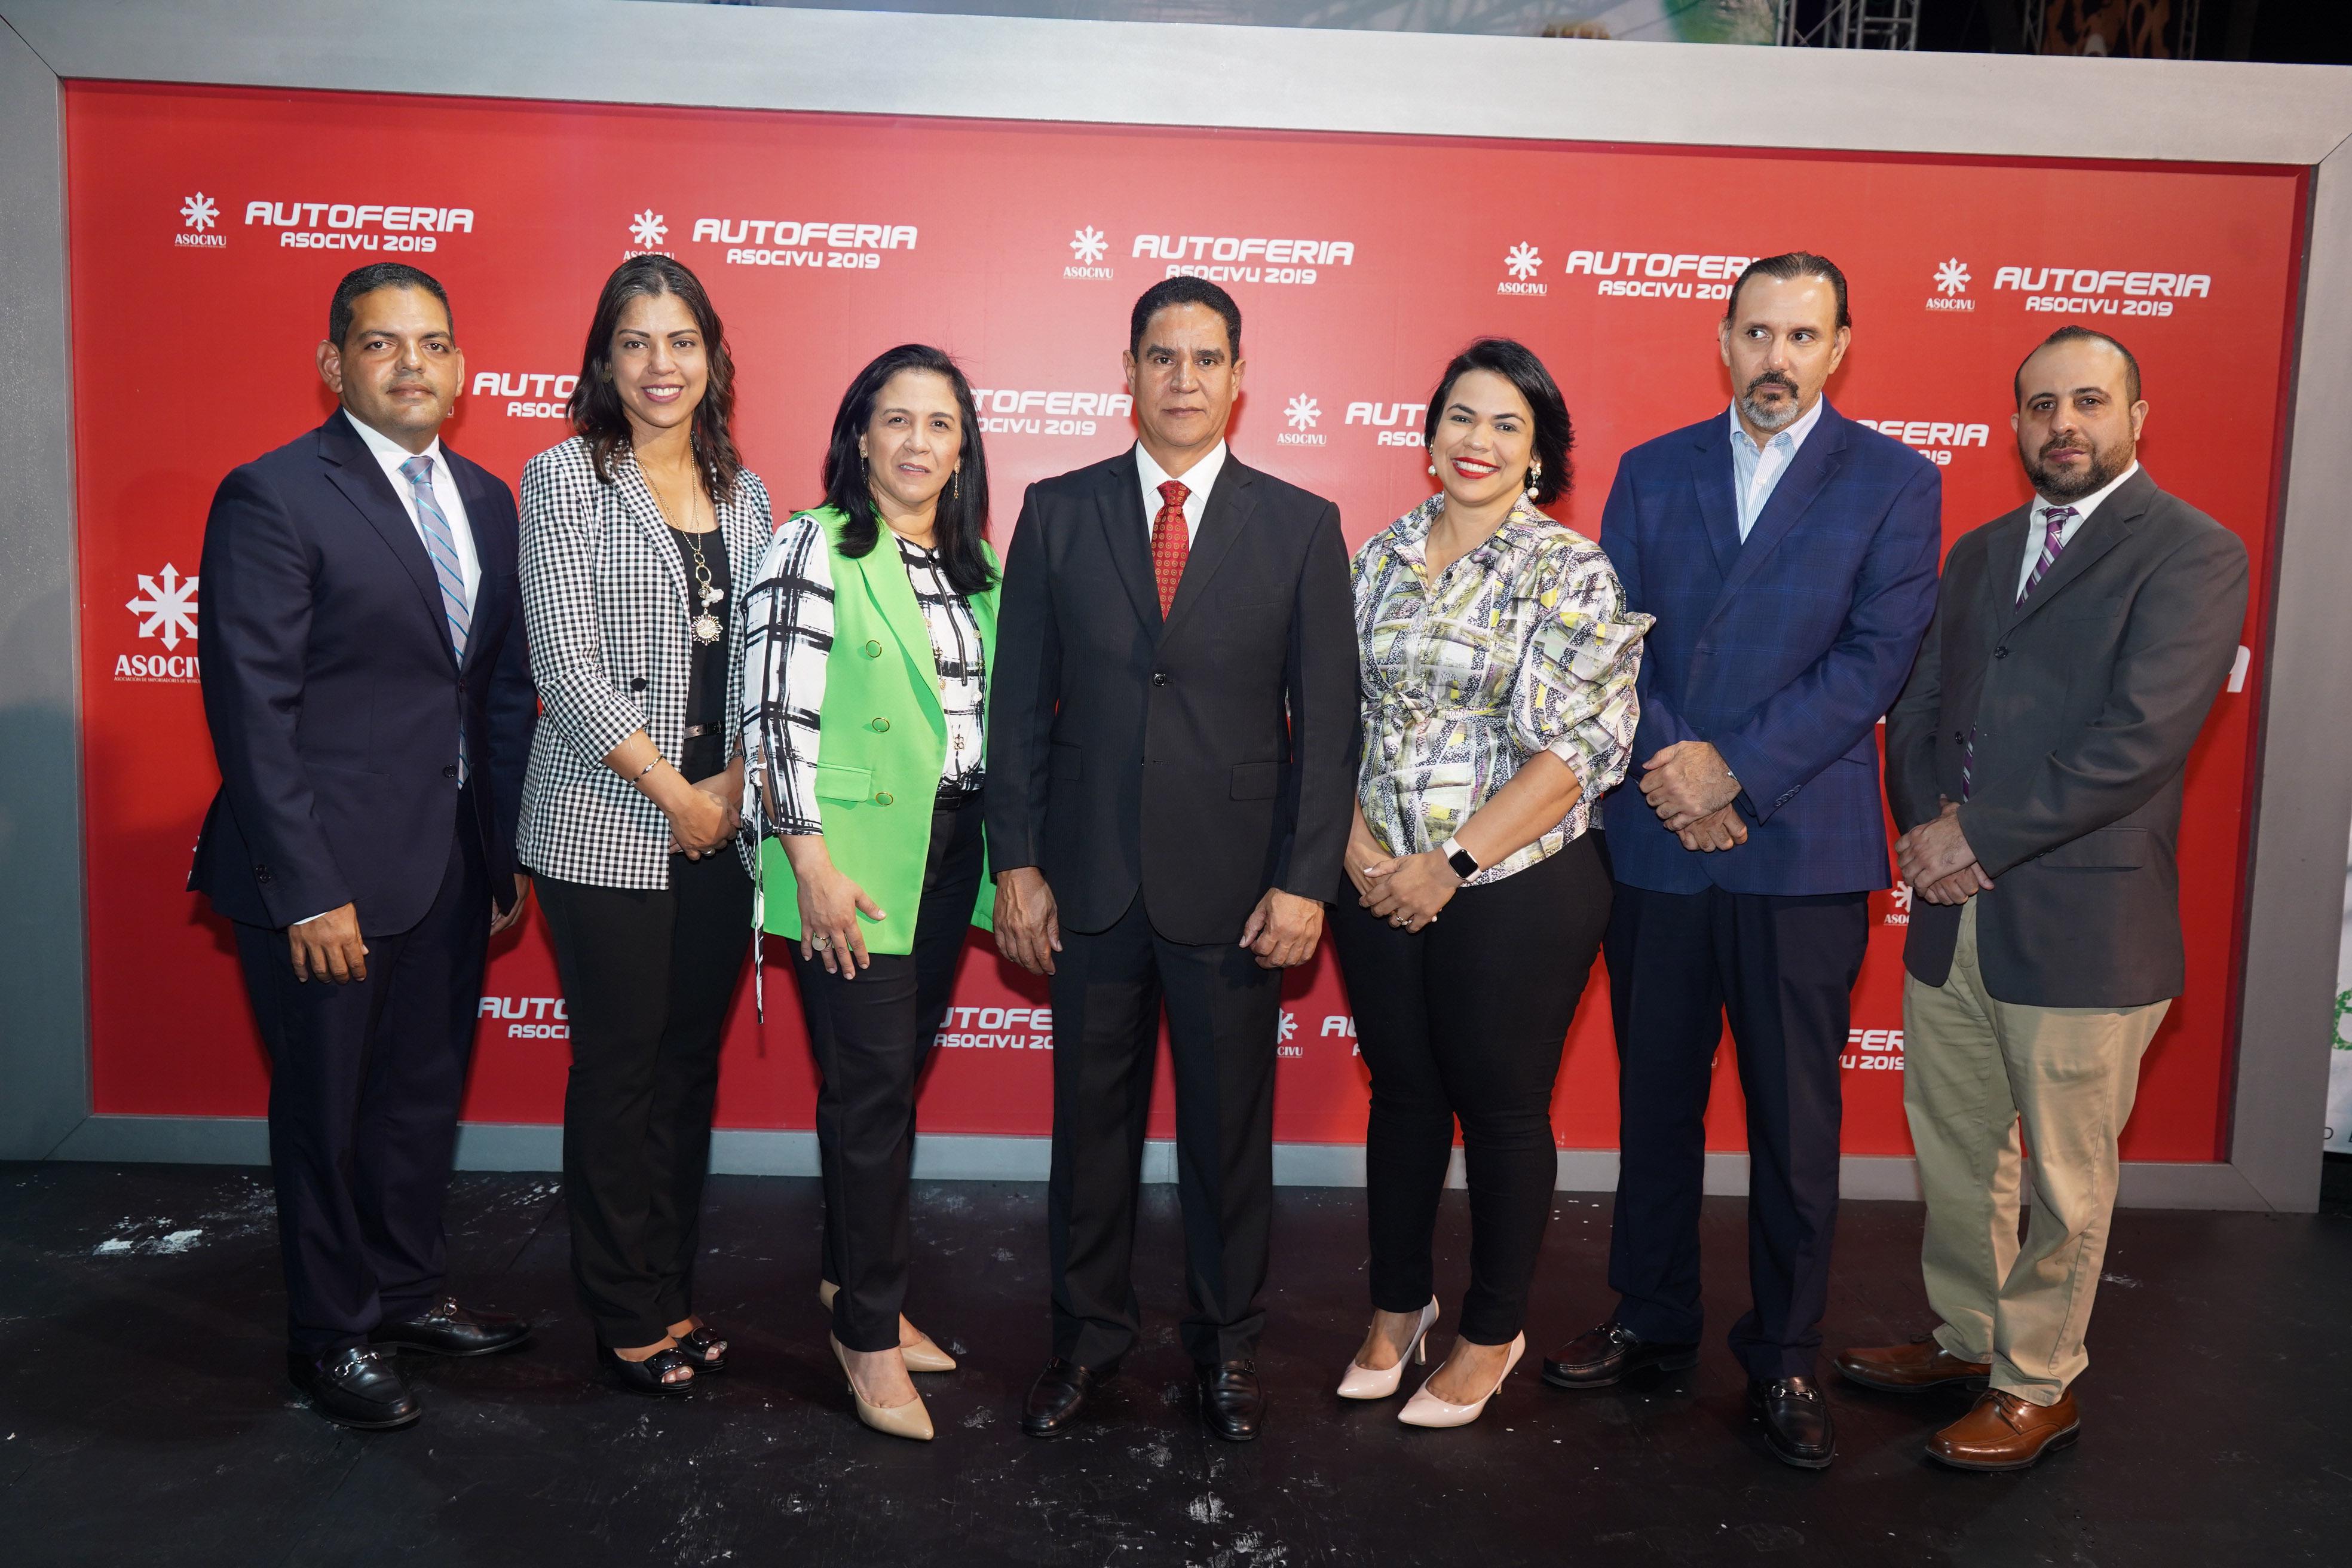 Inicia la Autoferia más grande de República Dominicana